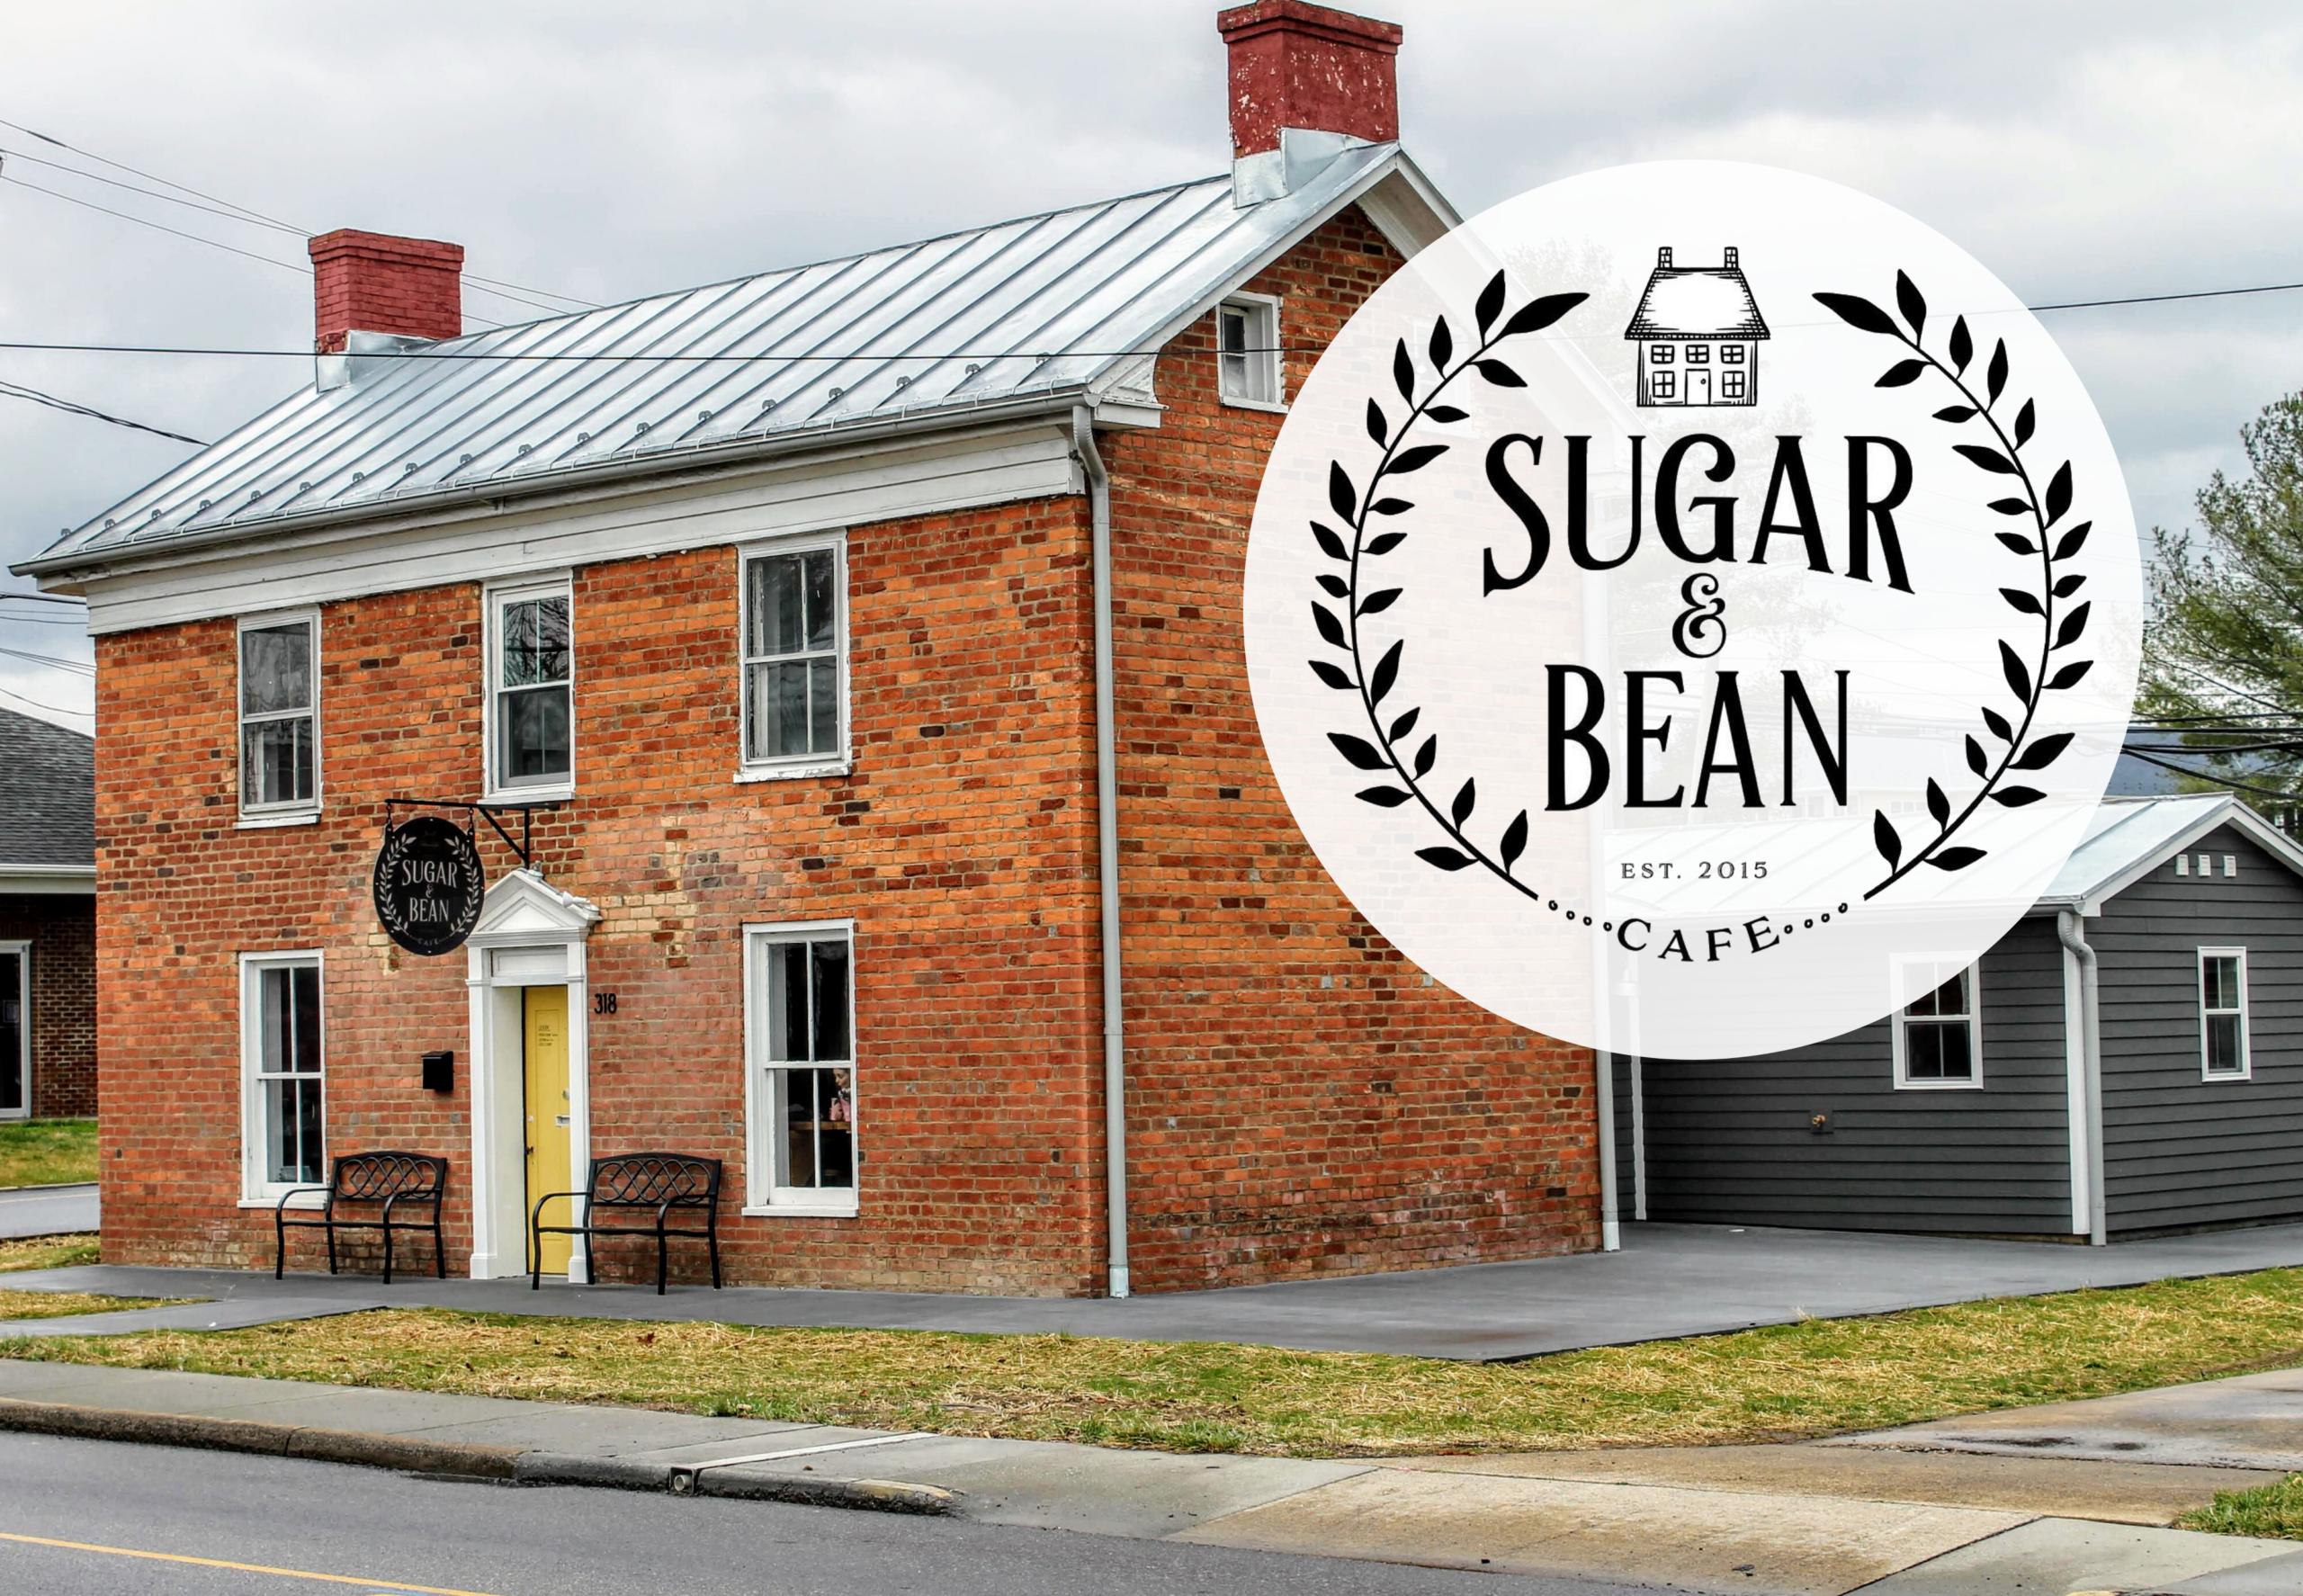 Sugar & Bean Cafe